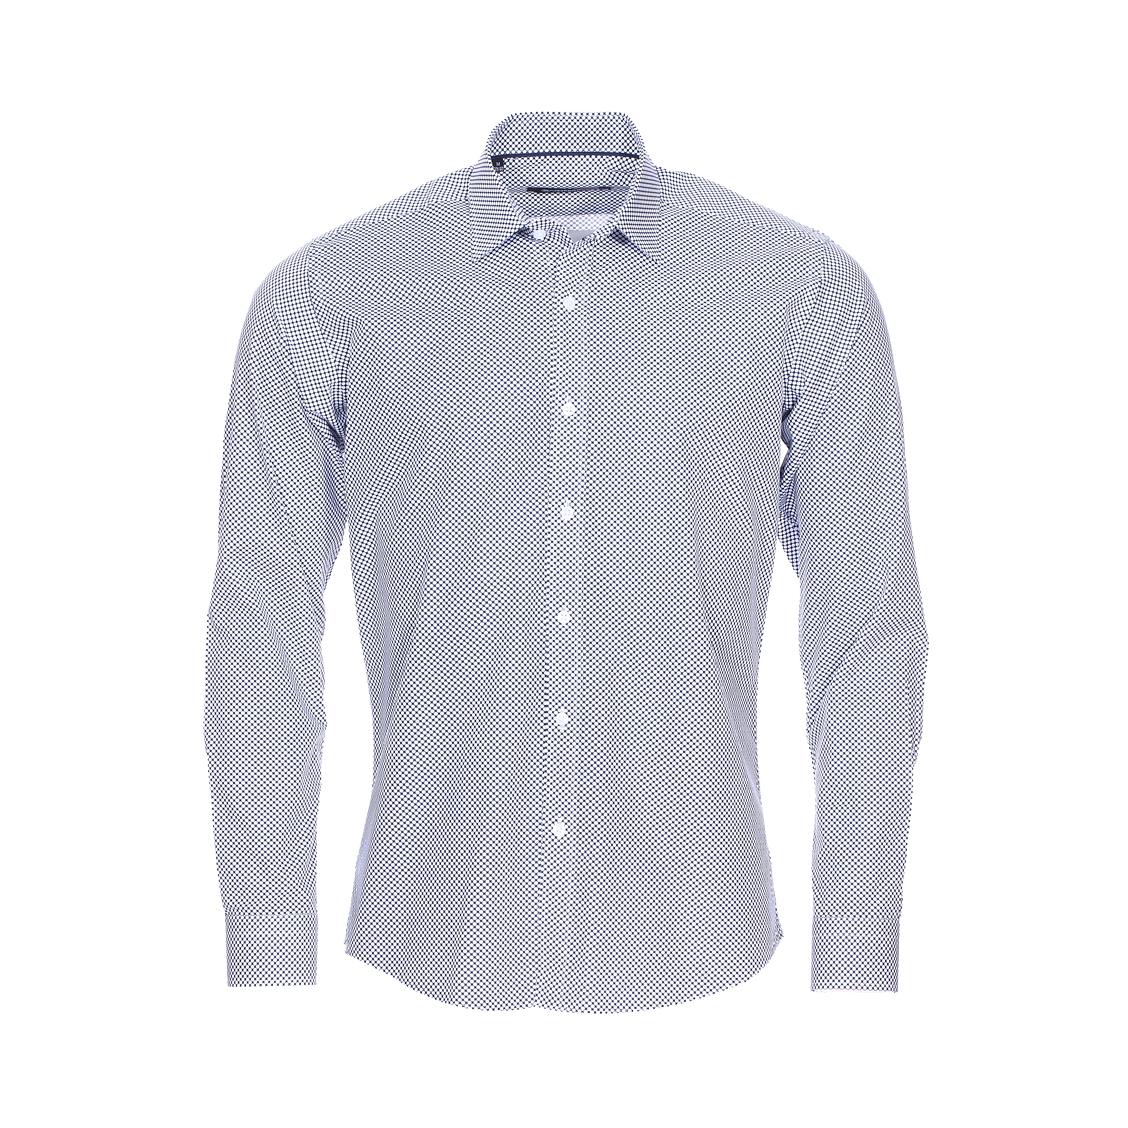 Chemise cintrée Gianni Ferrucci en coton bleu marine à pois blancs